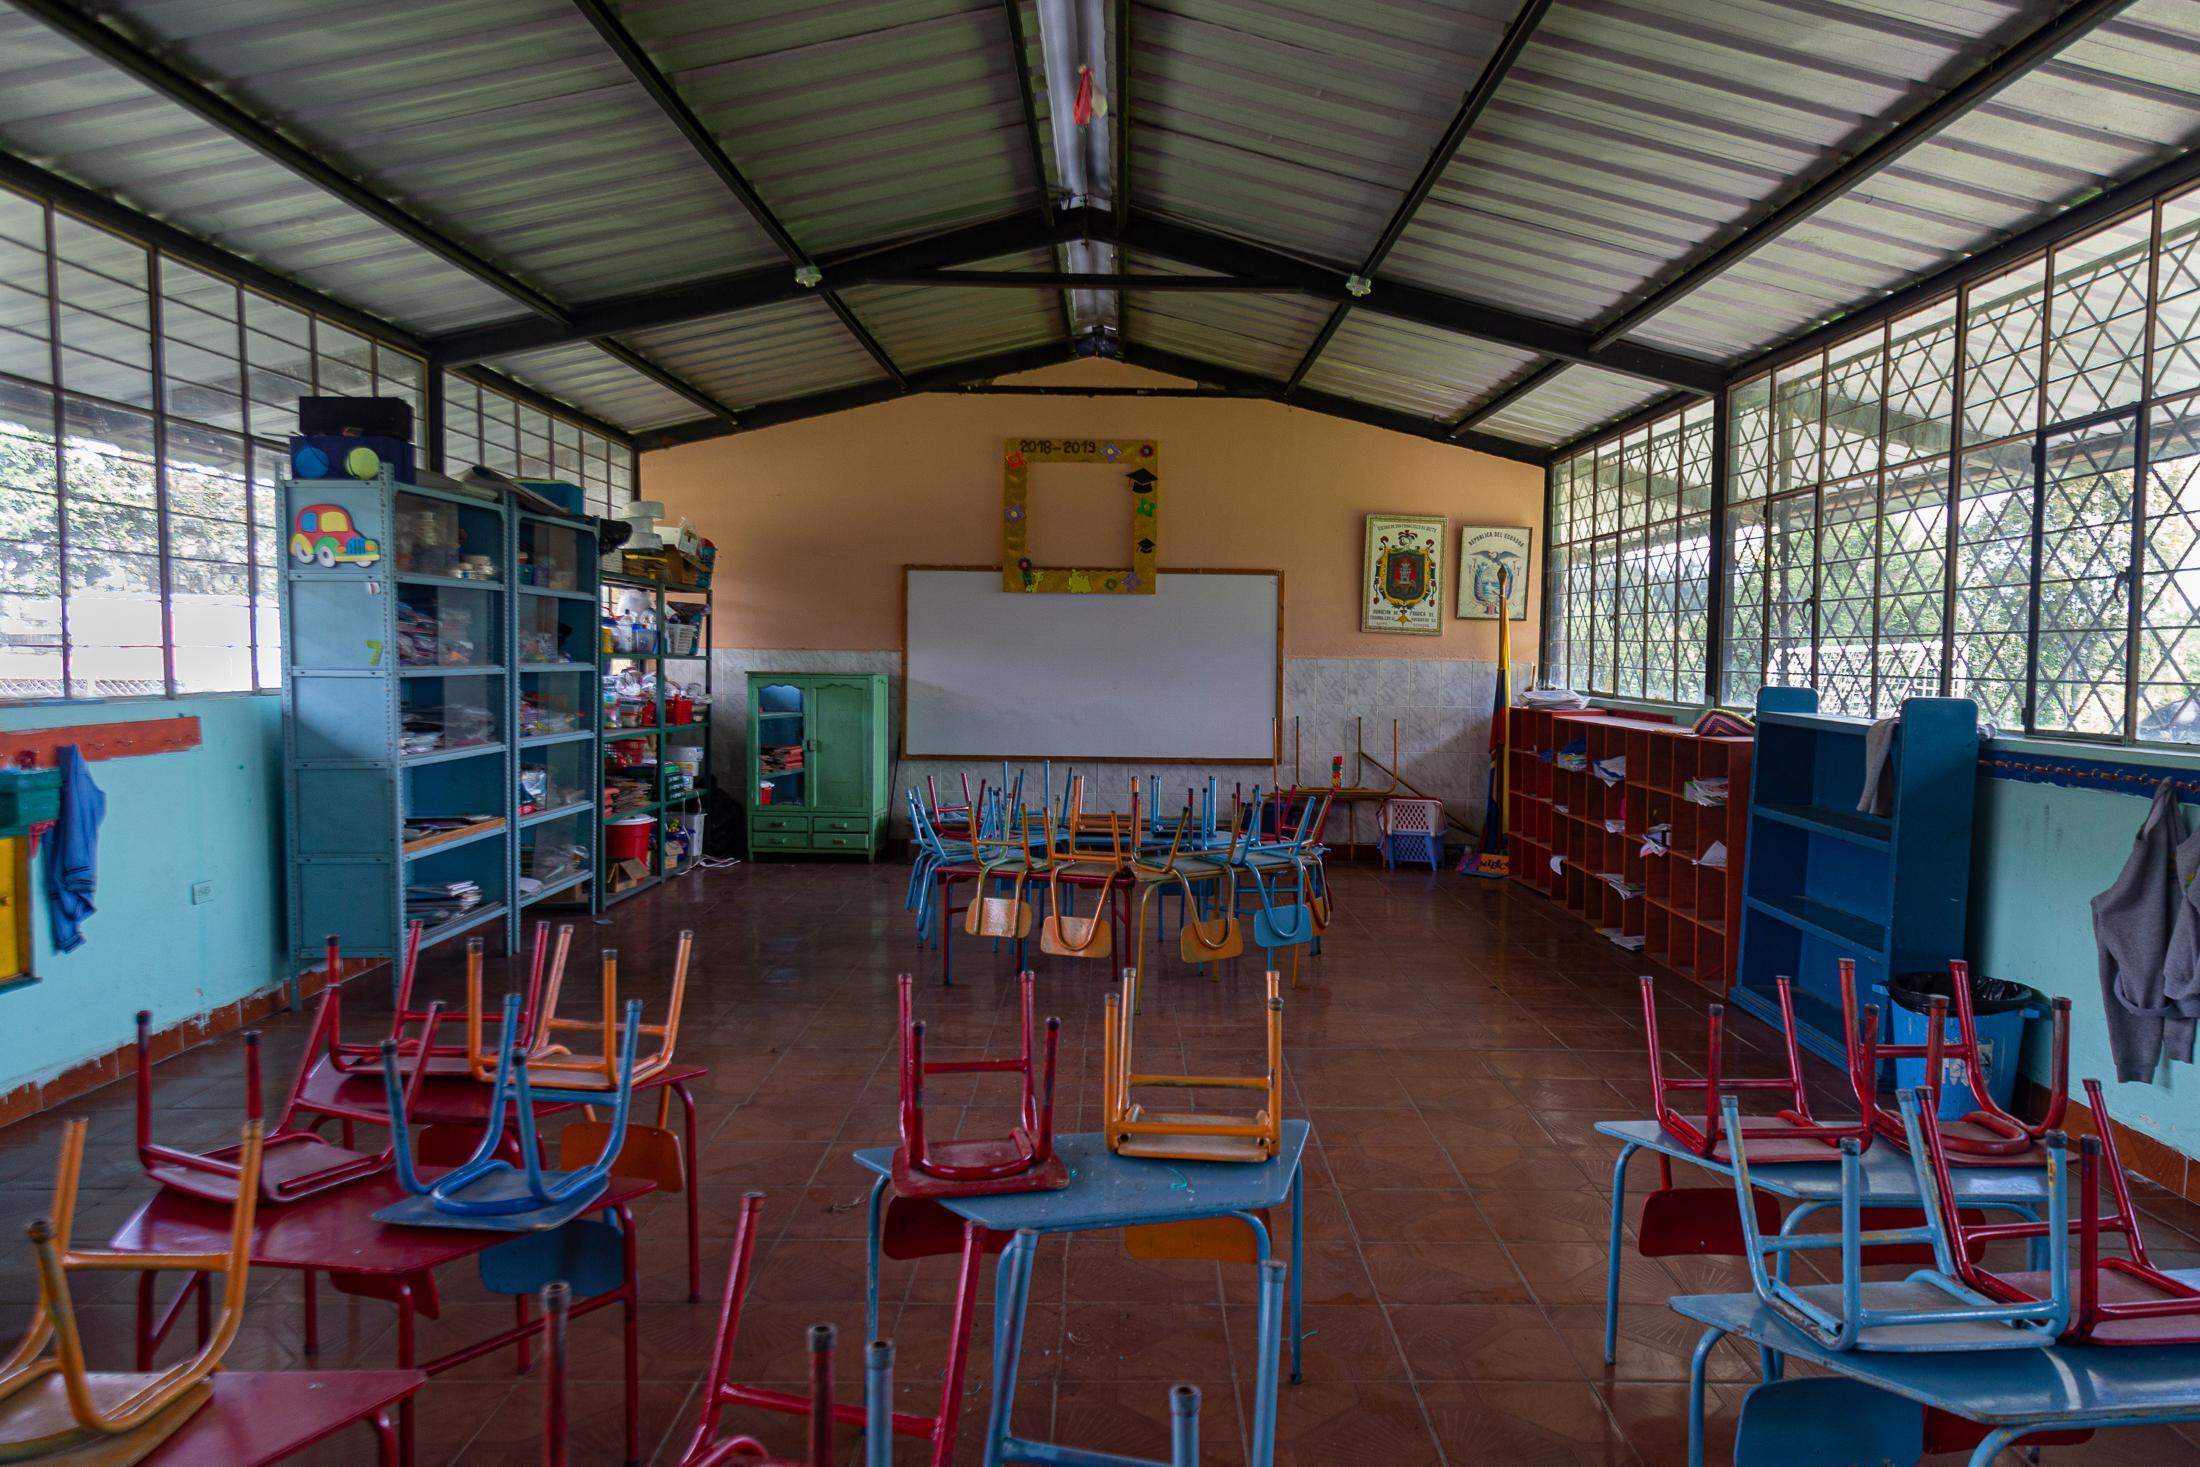 Una de las aulas de la escuela Ruperto Alarcón Falconí, de la parroquia rural Cotogchoa. Vacía, tal cual como la dejaron el último día de clases, antes de que se suspendan la asistencia a la escuelaa causa de la emergencia sanitaria por el virus COVID-19. 2 de julio de 2020. Cotogchoa-Ecuador. Andrés Yépez.